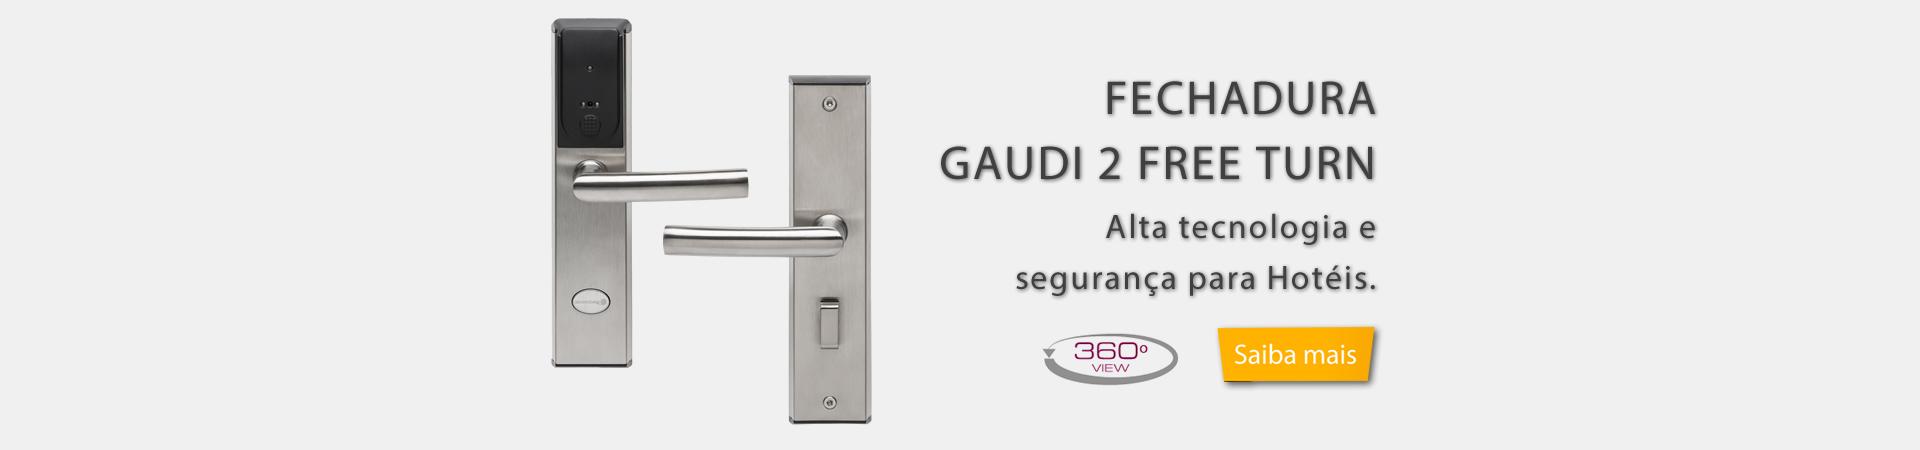 FECHADURA ELETRÔNICA GAUDI 2 FREE TURN